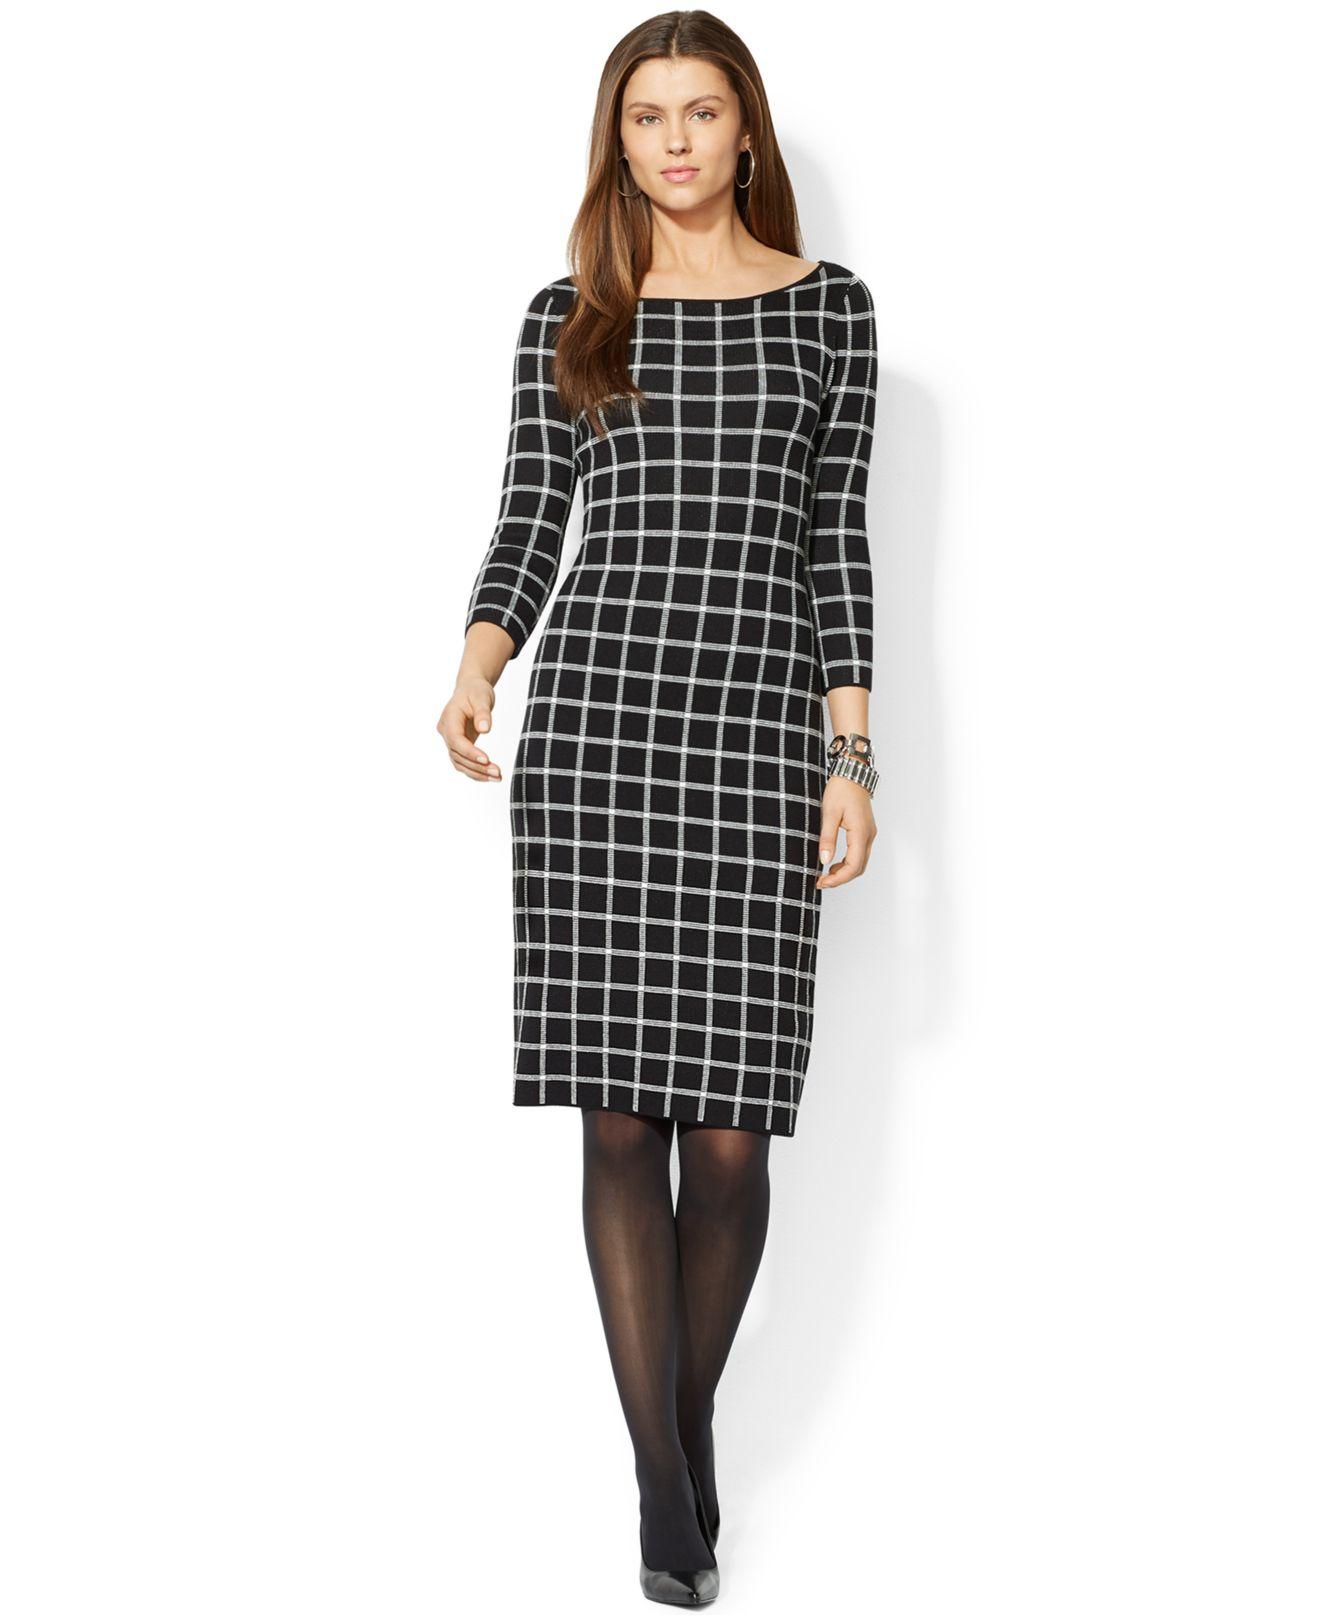 Lauren by ralph lauren Petite Checked Sweater Dress in Black   Lyst